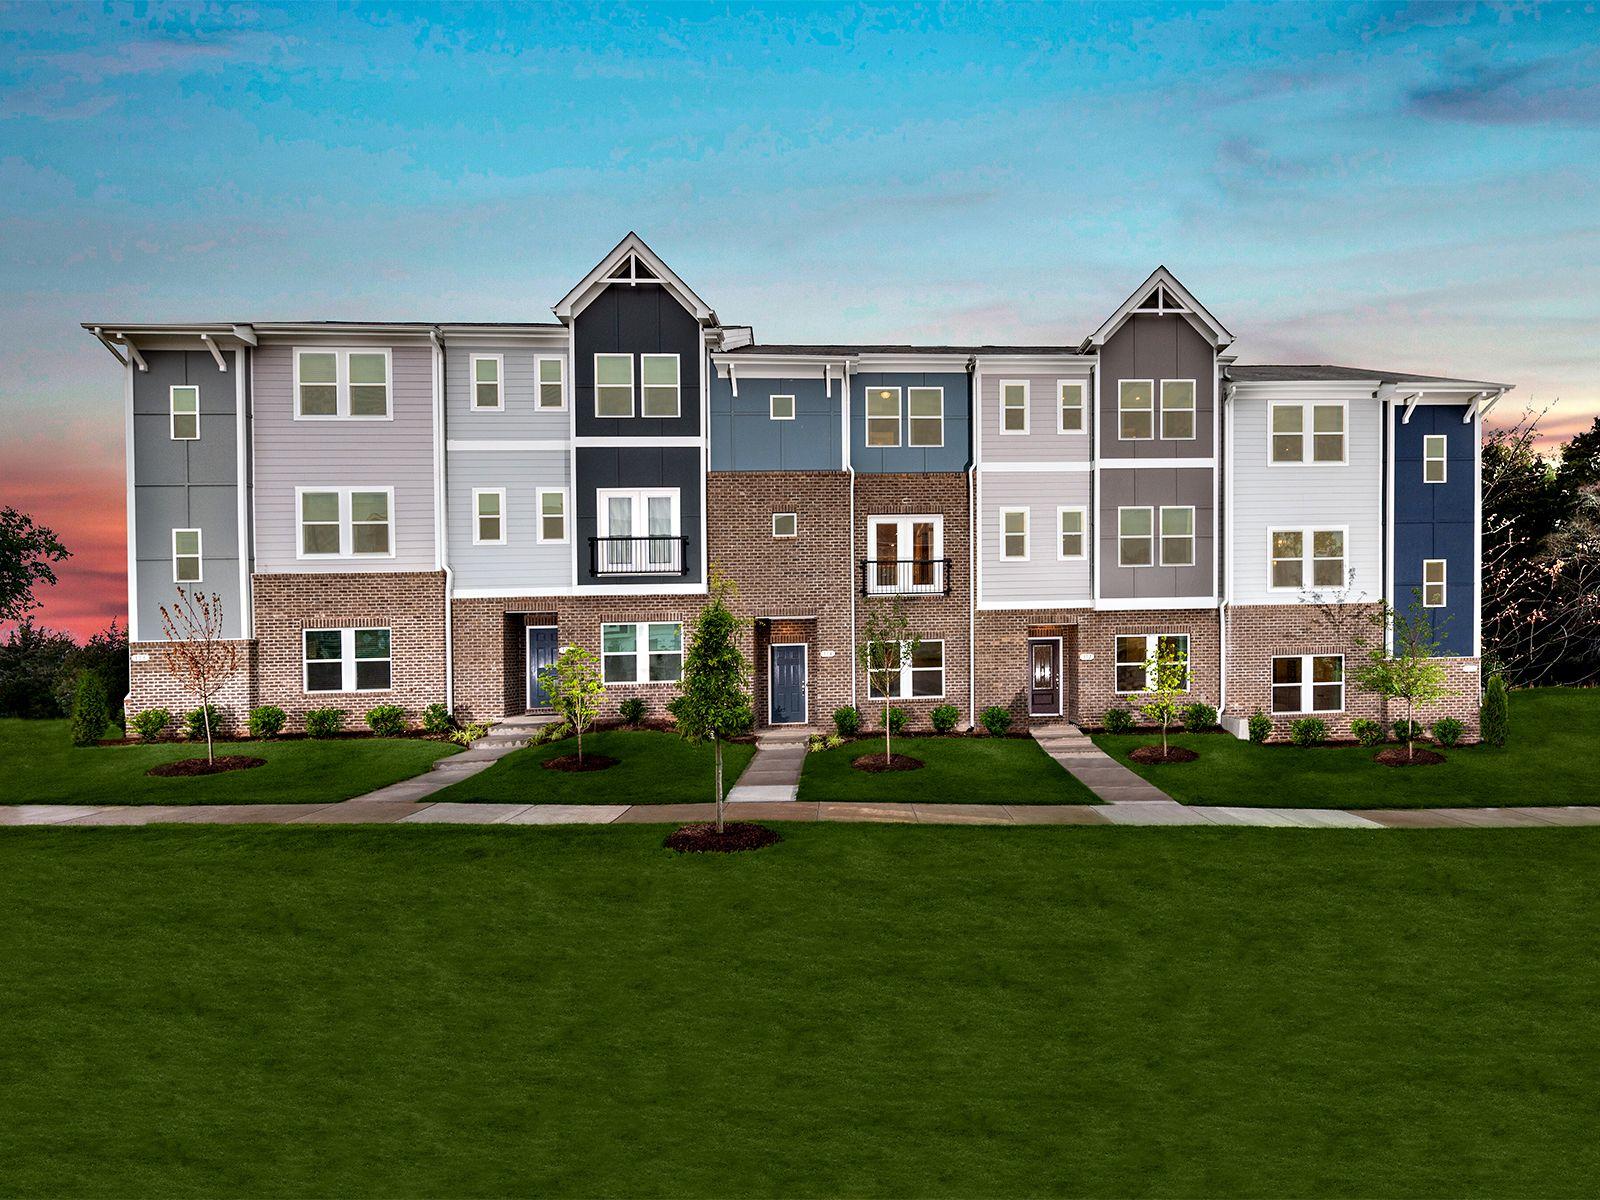 Brickyard Townhomes,27519